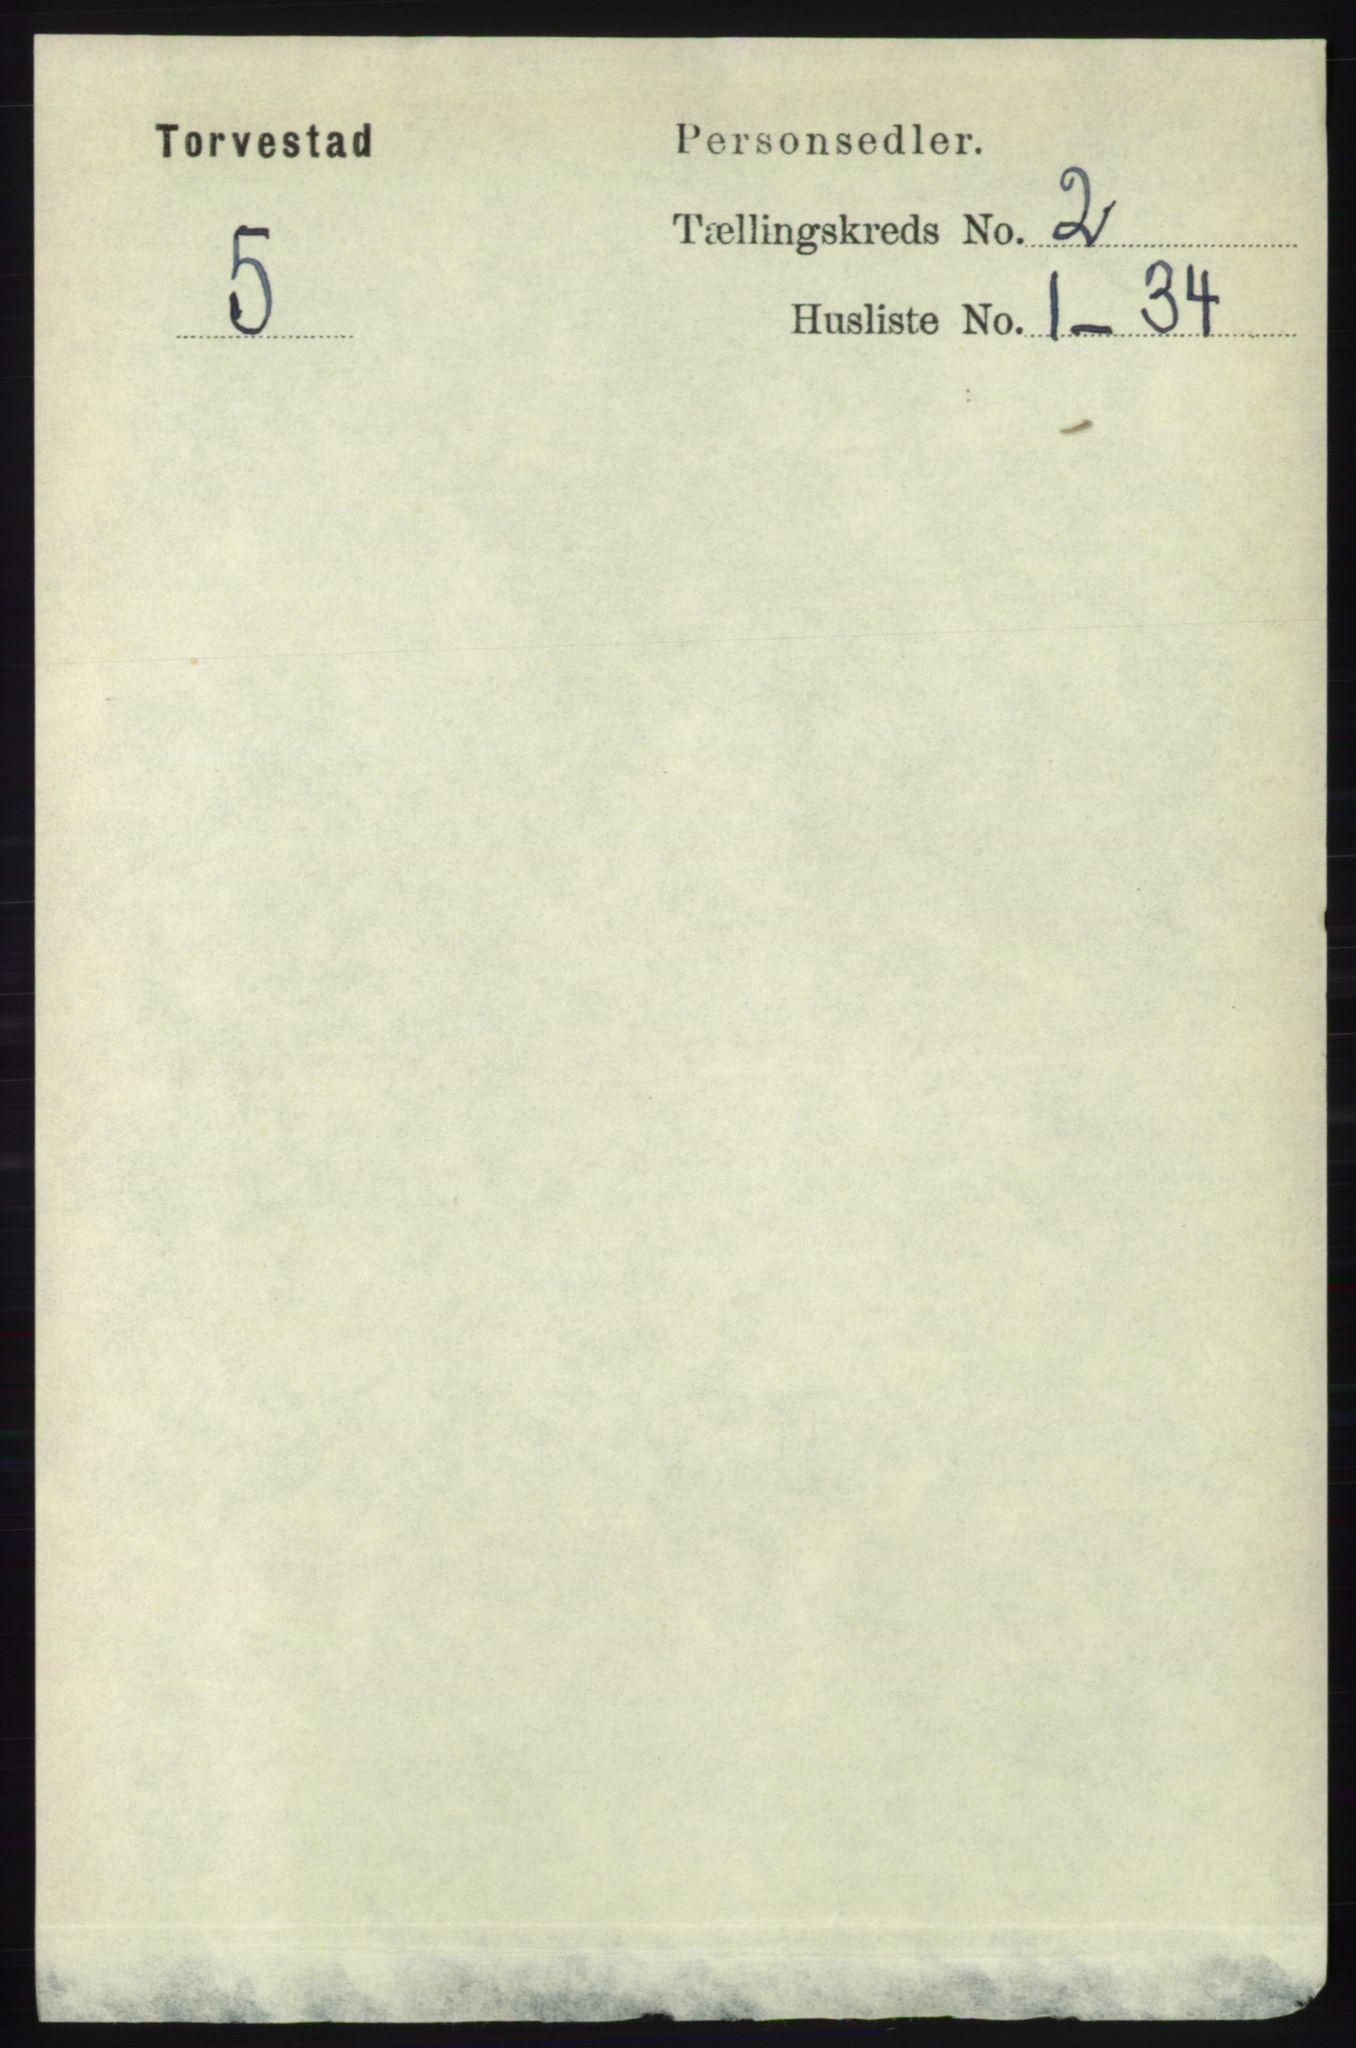 RA, Folketelling 1891 for 1152 Torvastad herred, 1891, s. 514